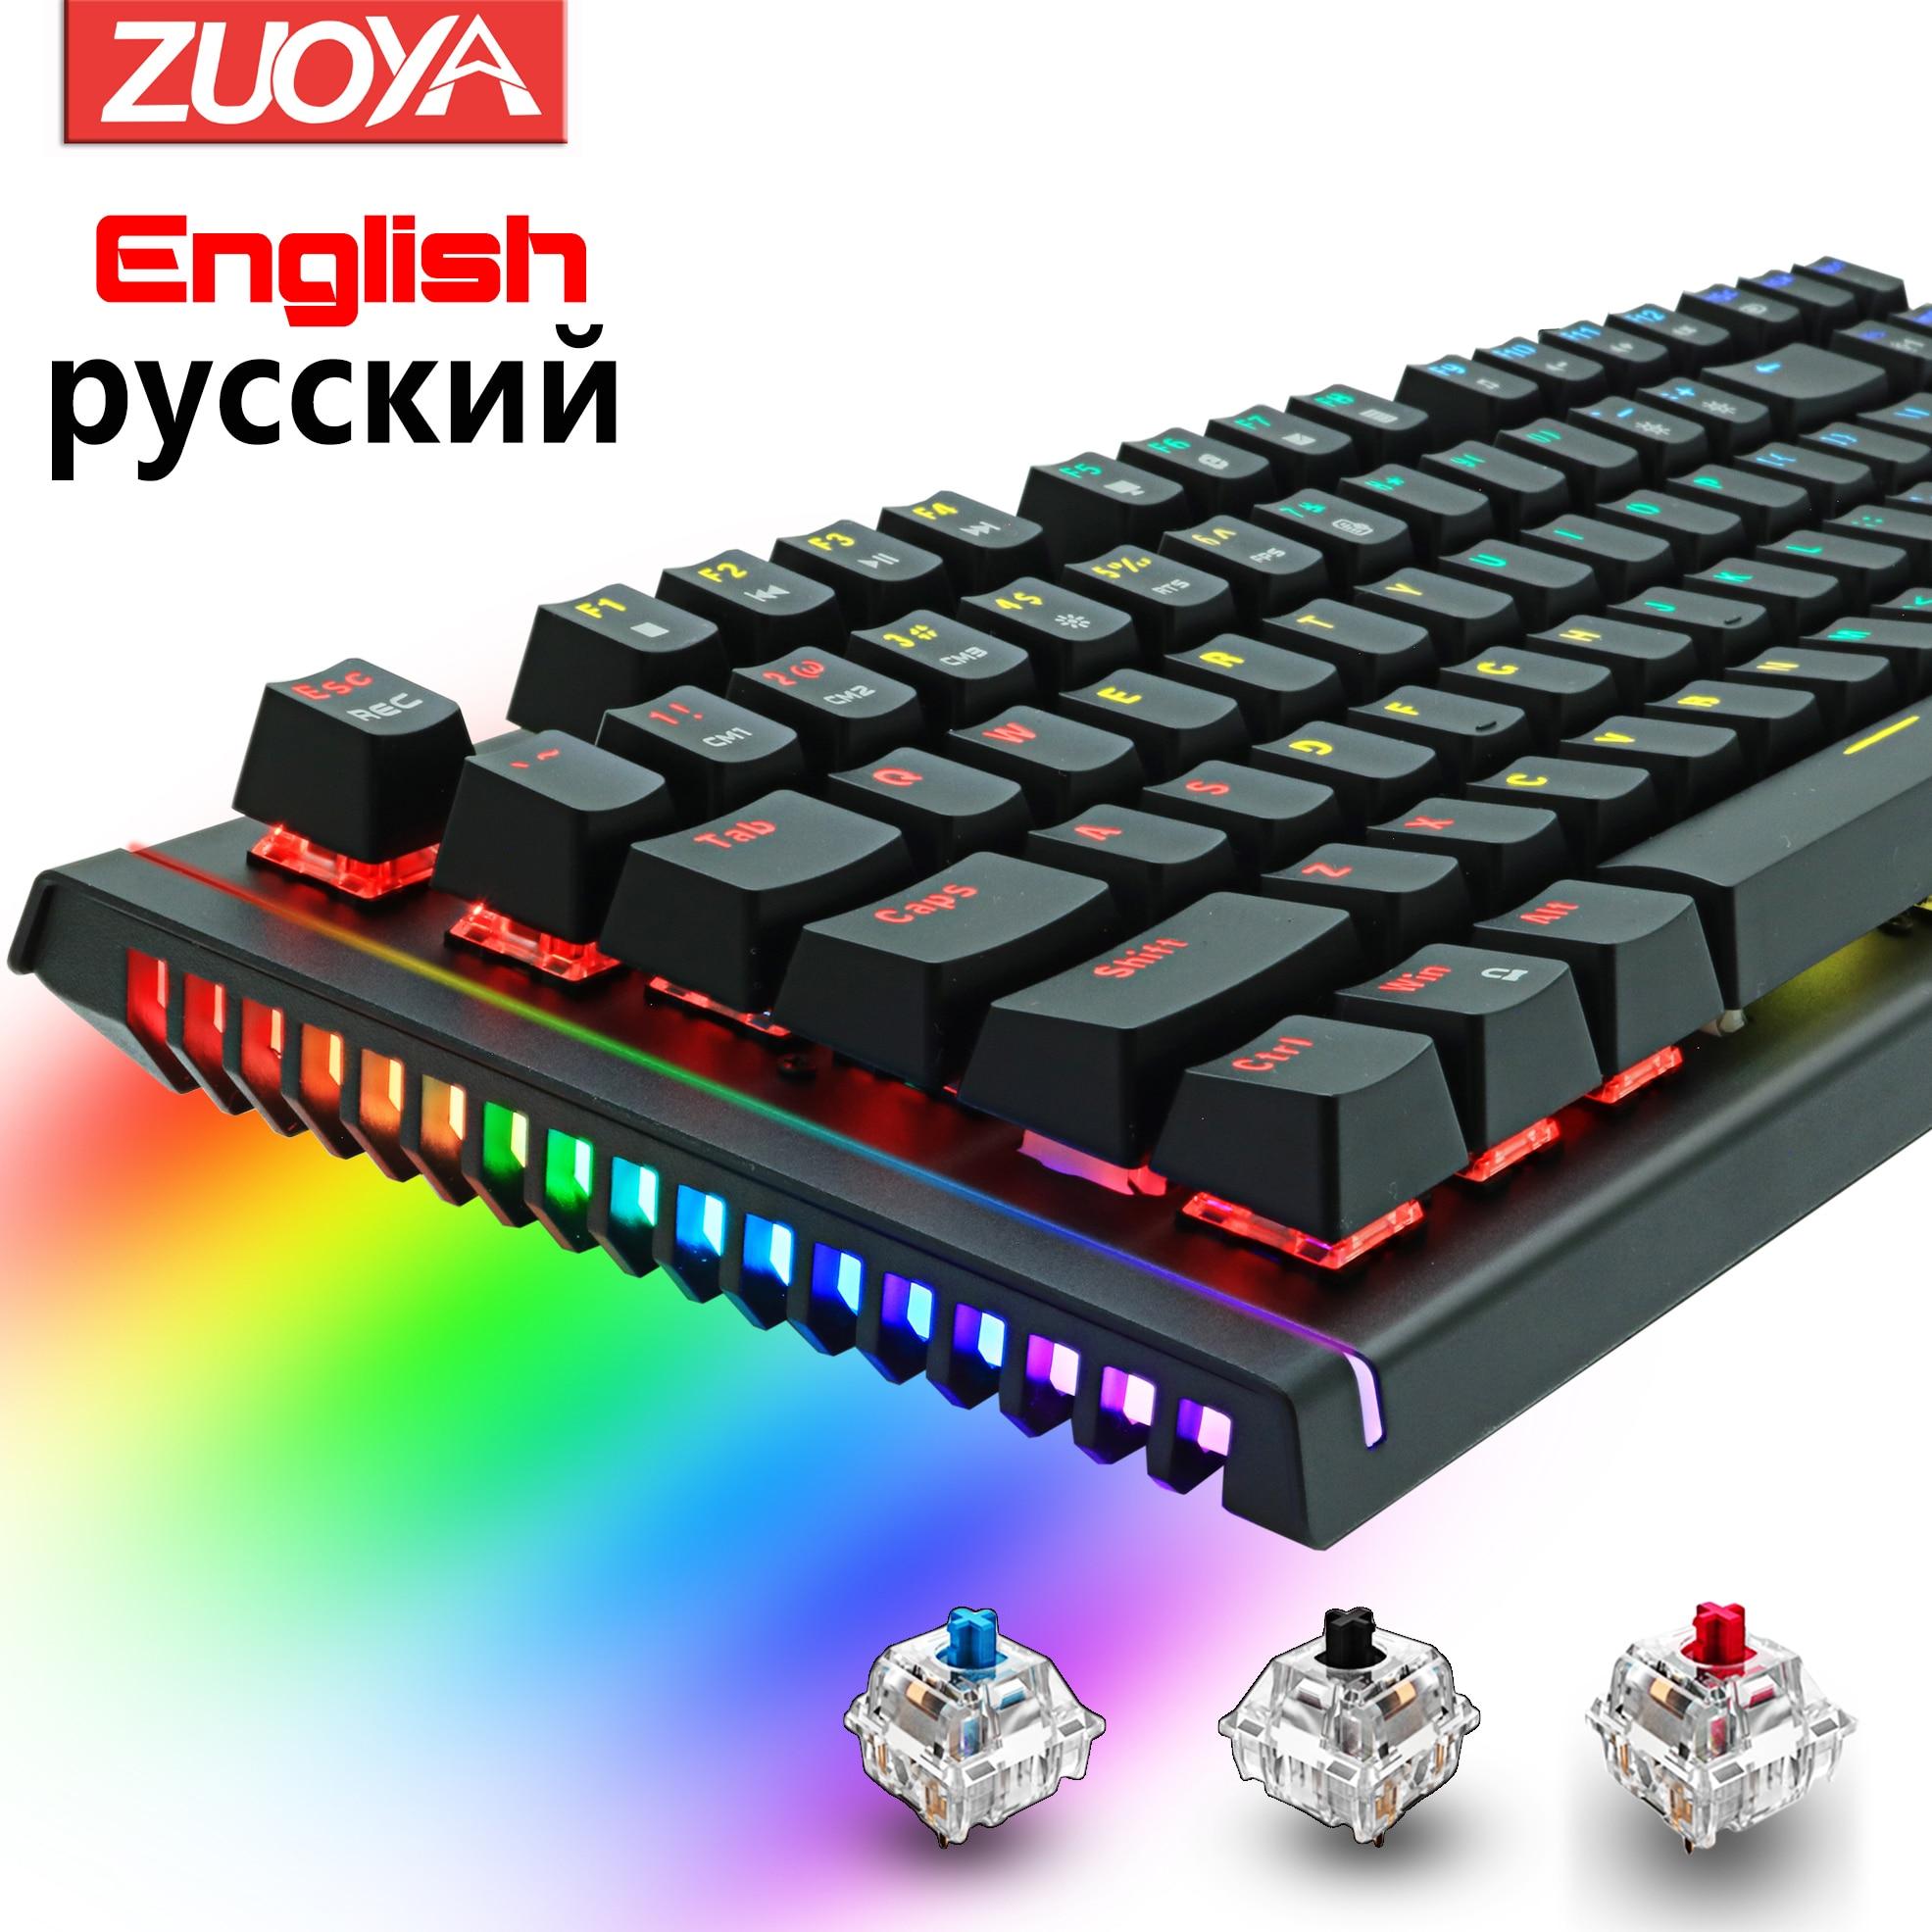 Механическая клавиатура Проводная игровая клавиатура RGB микс с подсветкой 87 104 анти-ореолы синий красный переключатель для игры ноутбука ПК...